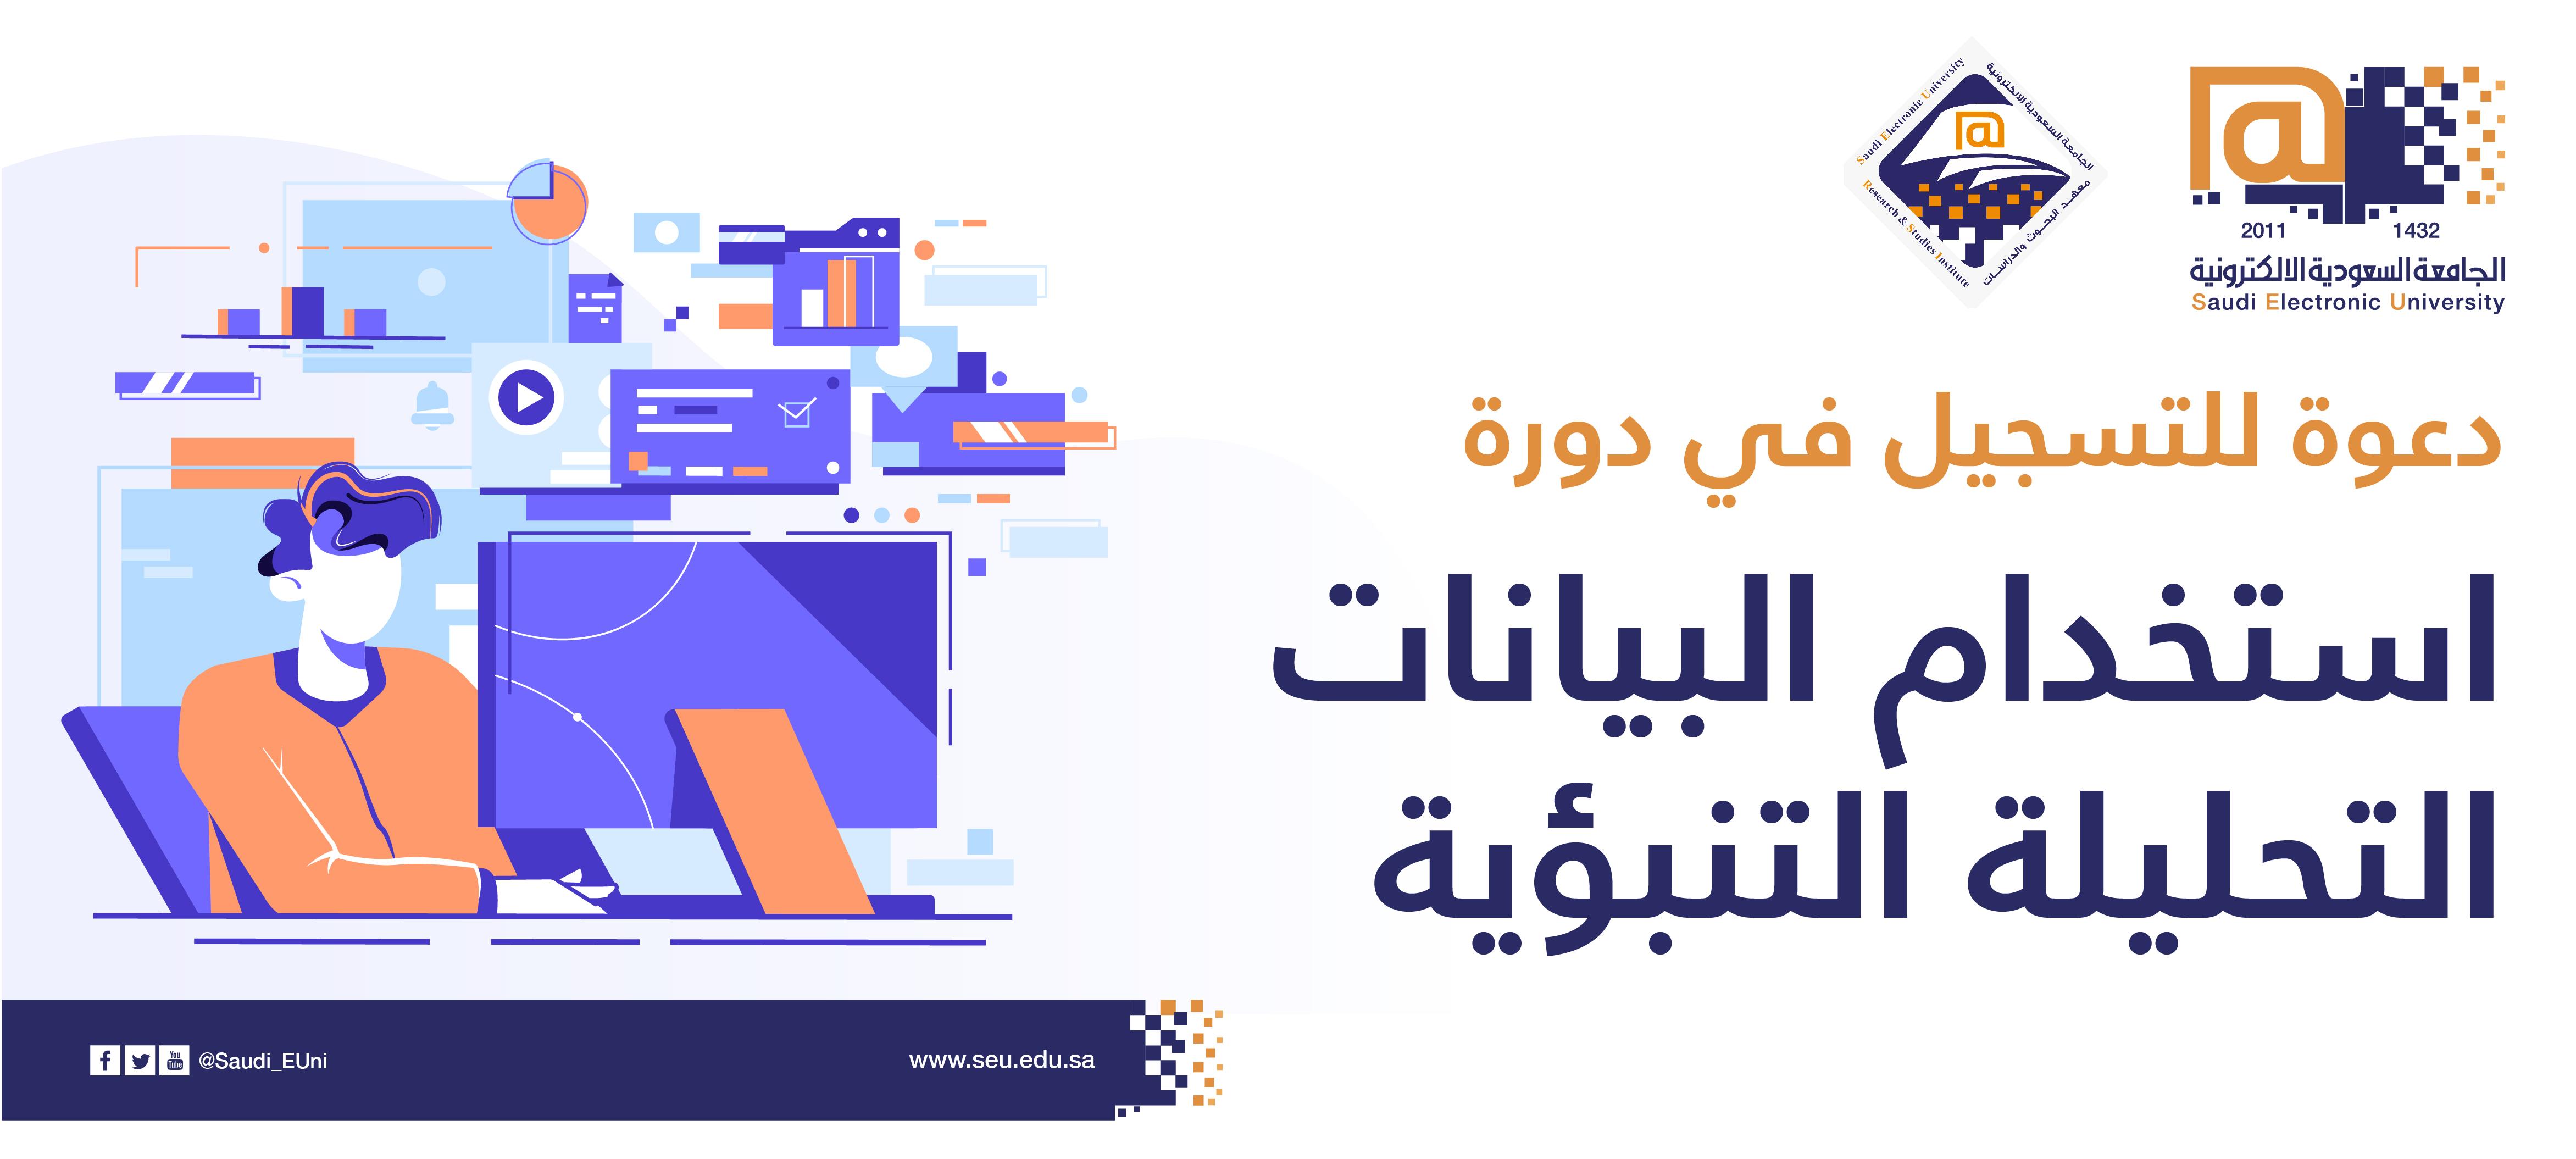 هل الدراسة في الجامعة السعودية الالكترونية صعبه